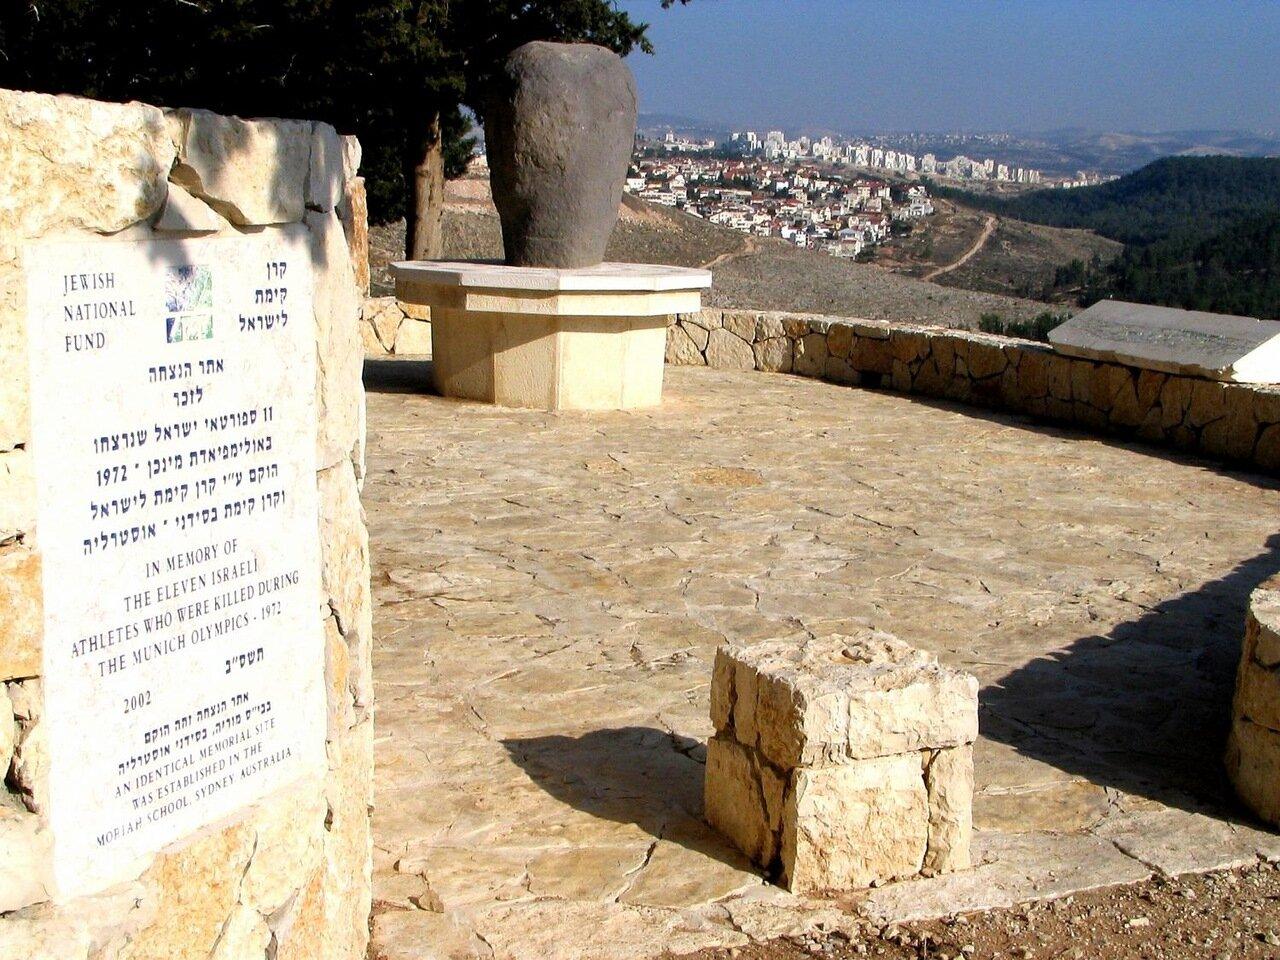 Мемориал памяти жертв теракта в Бен-Шеменском лесу в Израиле